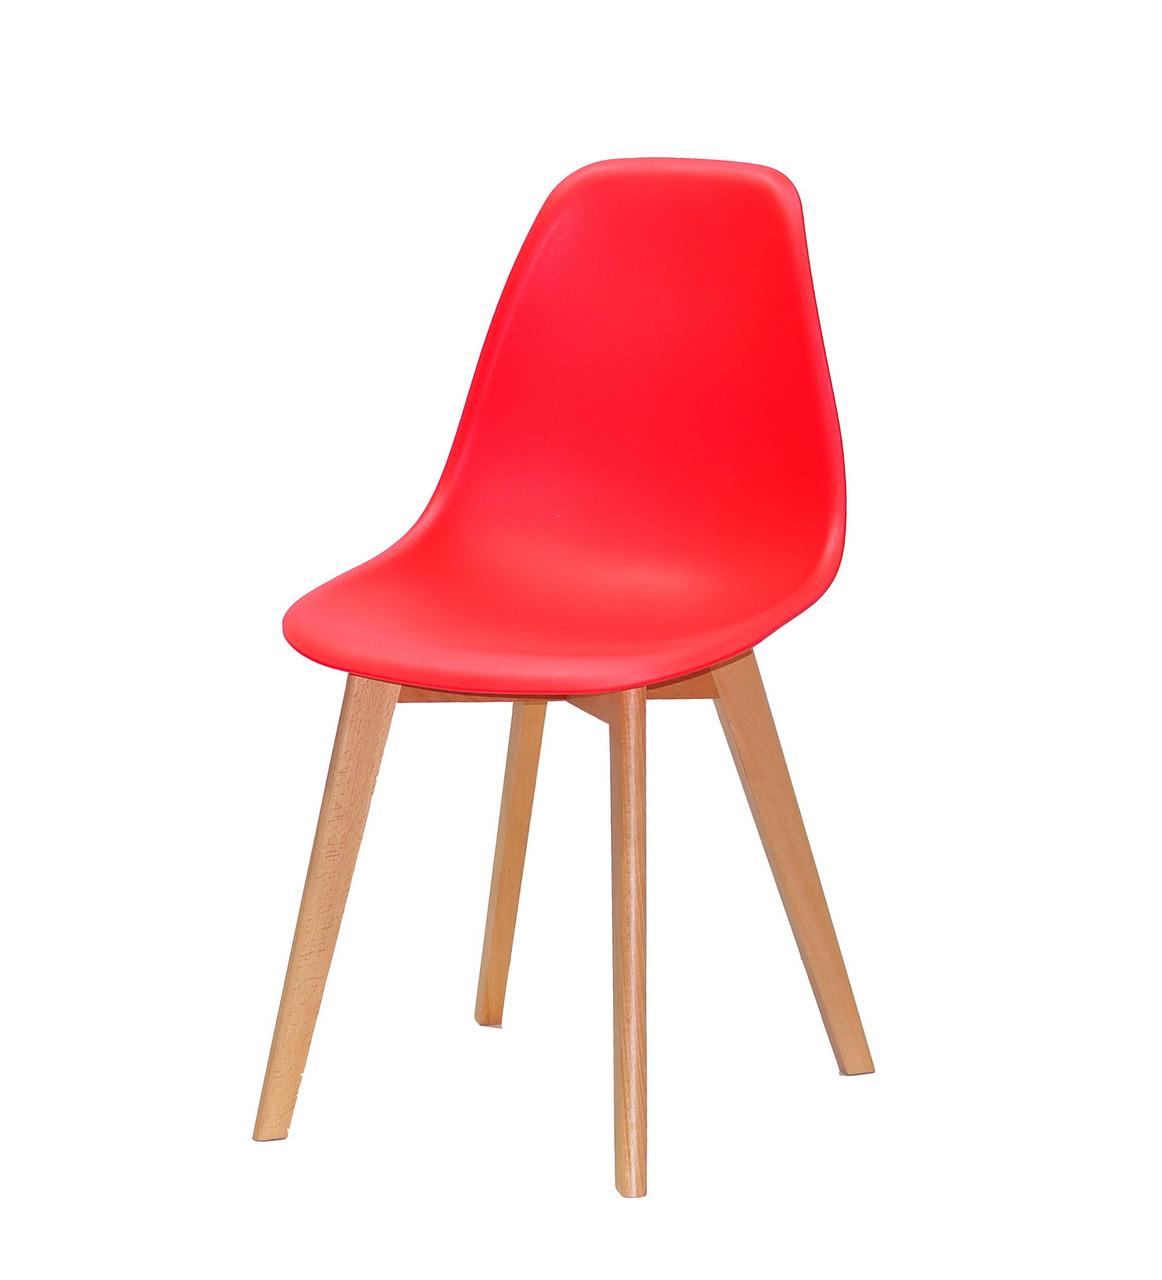 Стул красный цельнолитой пластиковый в современном стиле Nik D на буковых ножках